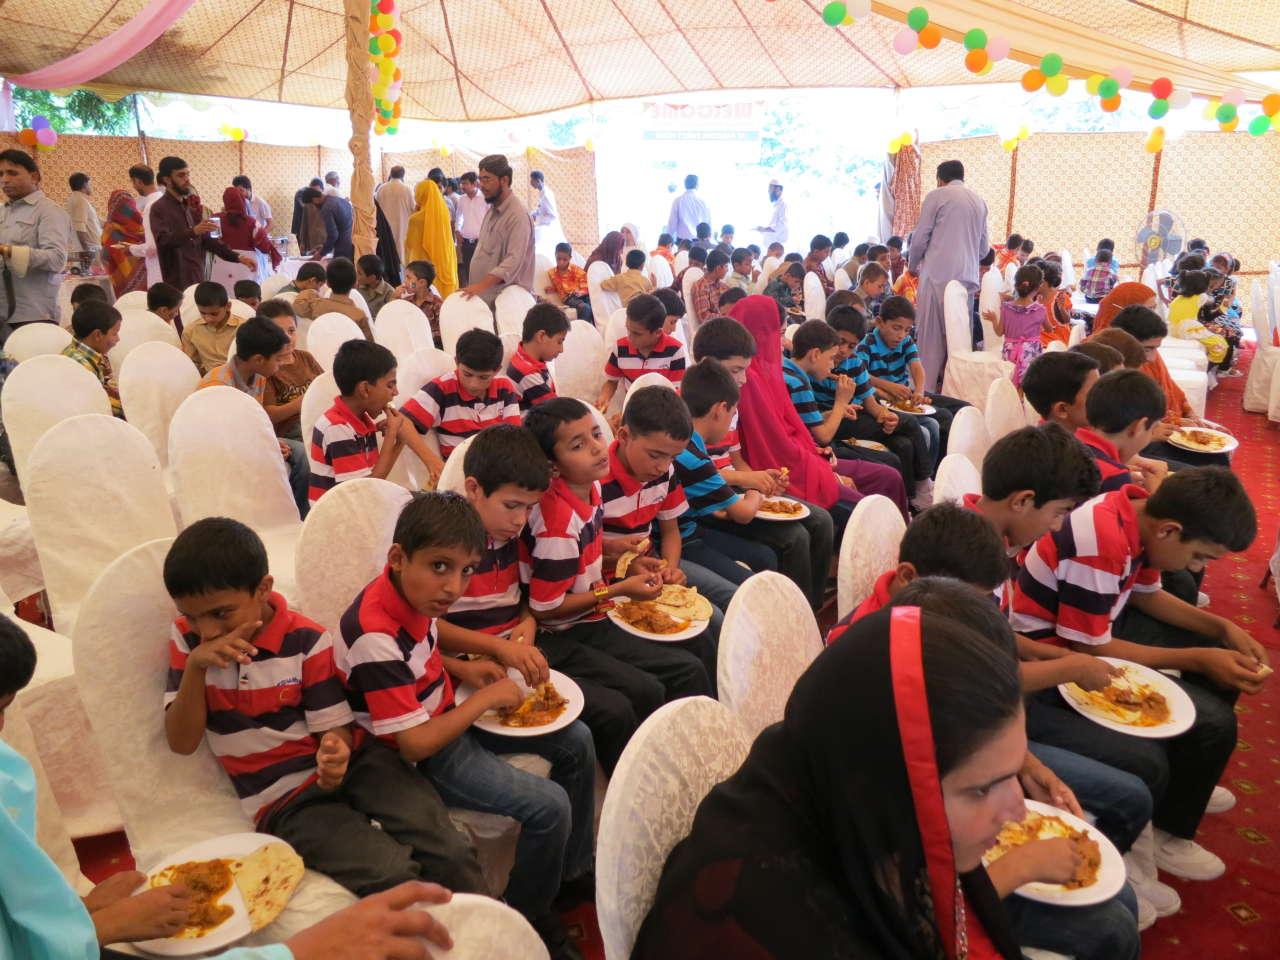 При поддержке Фонда Гейдара Алиева в Пакистане  проведено мероприятие по случаю праздника Гурбан   (ФОТО)